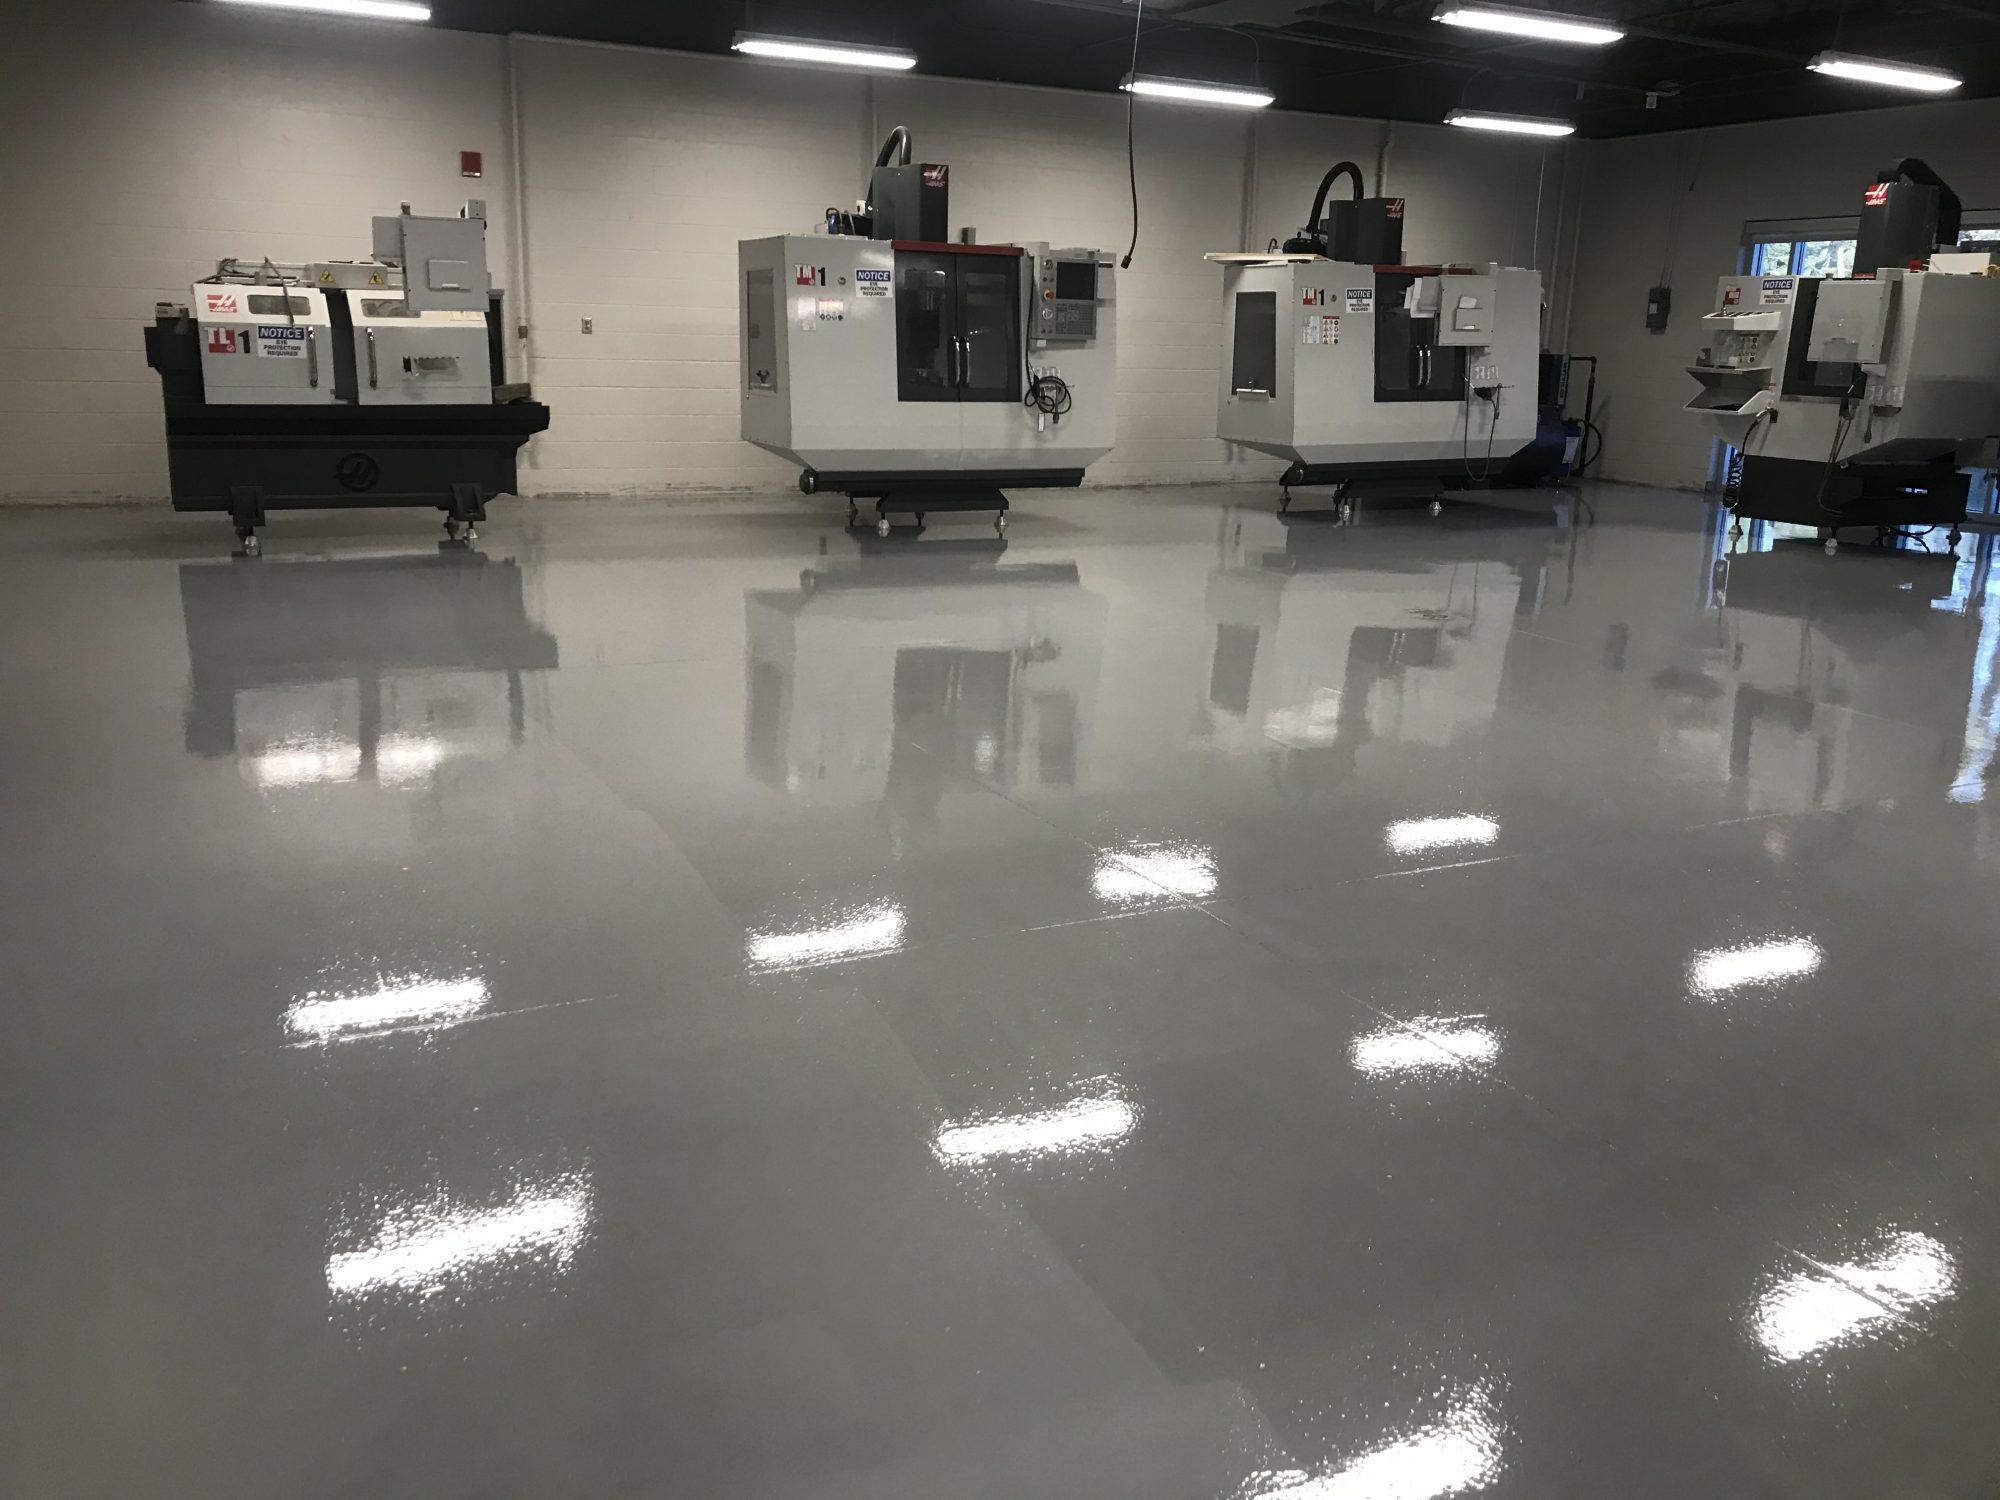 high school, middle school, epoxy floor coatings, urethane floor coatings